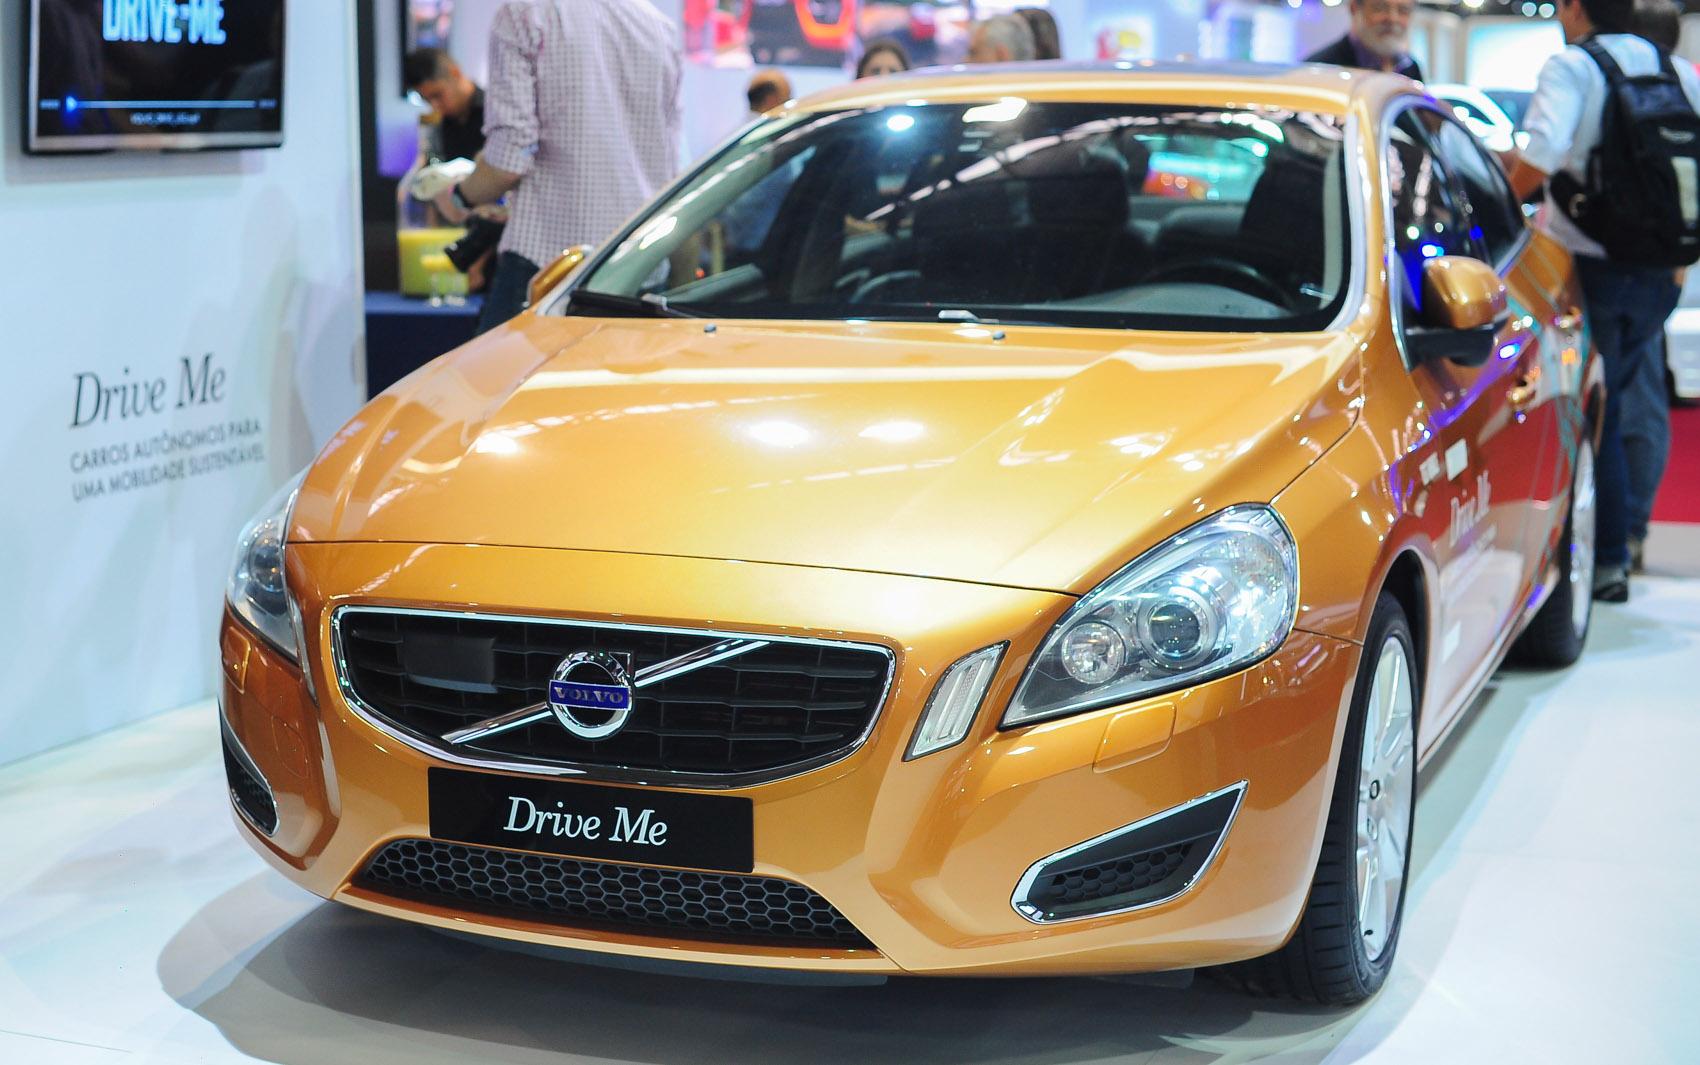 Projeto 'Drive Me' de carro com direção autônoma é apresentado pela Volvo em seu estande Salão de São Paulo 2014